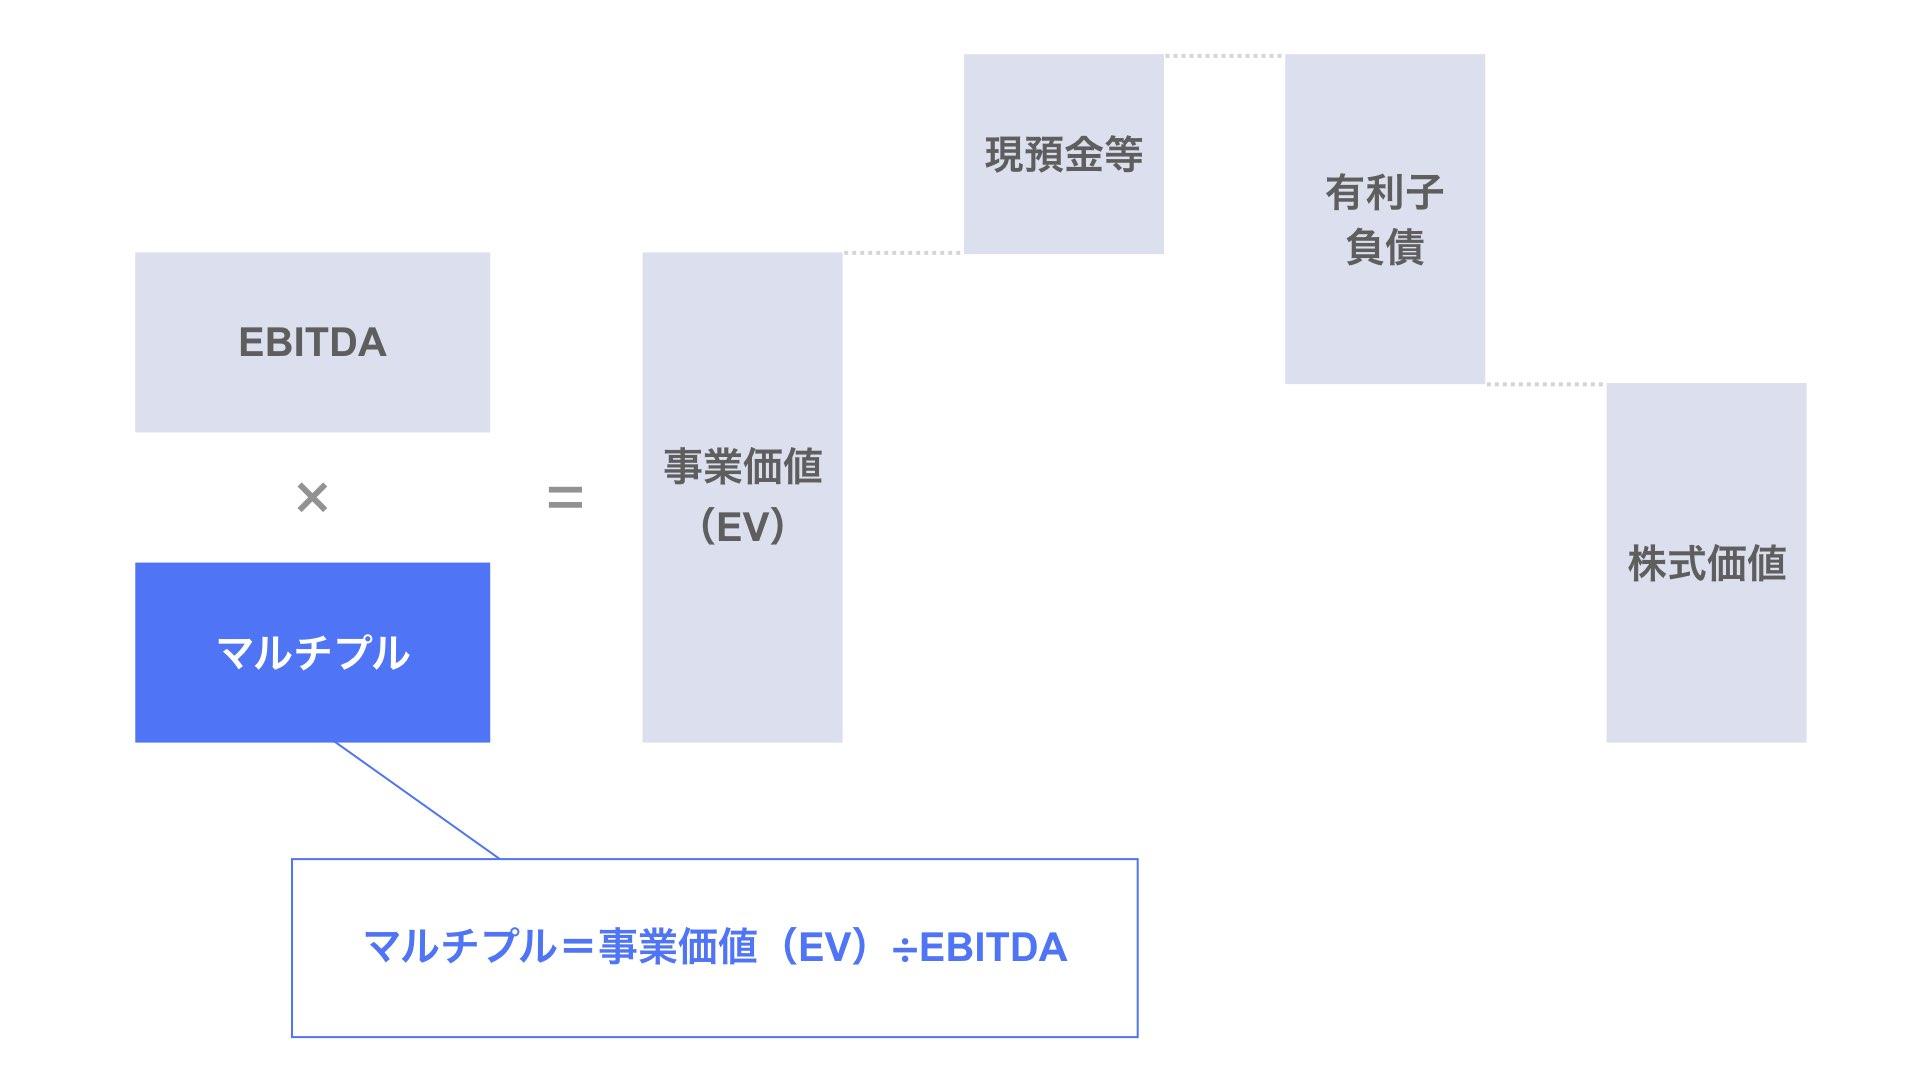 マルチプル(EV/EBITDAマルチプル)